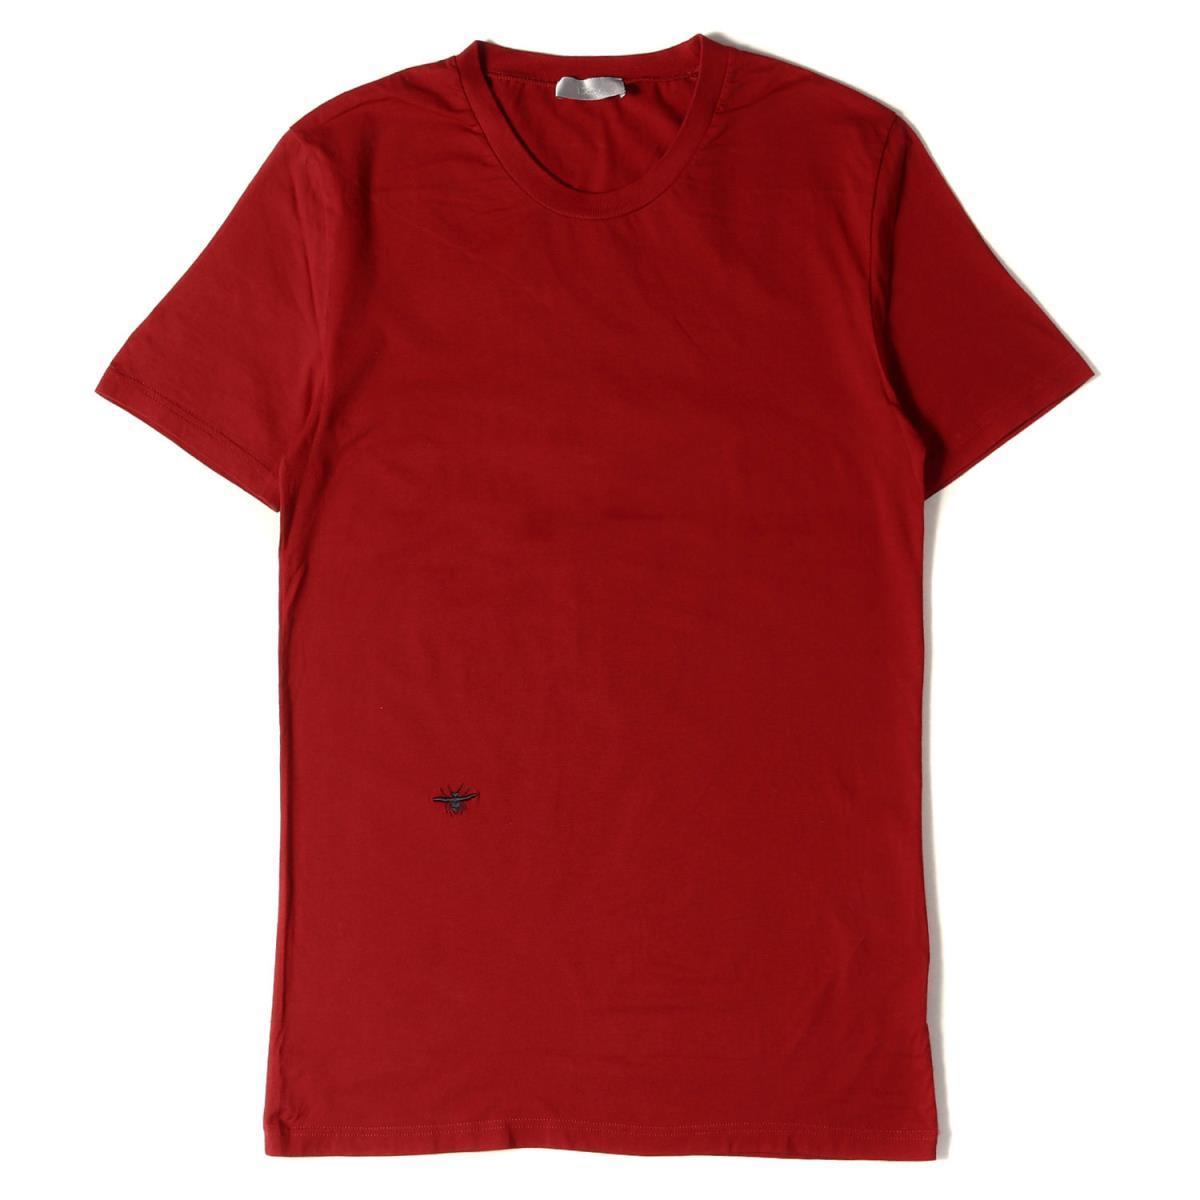 トップス, Tシャツ・カットソー Dior HOMME T BEE T 07AW S K3016